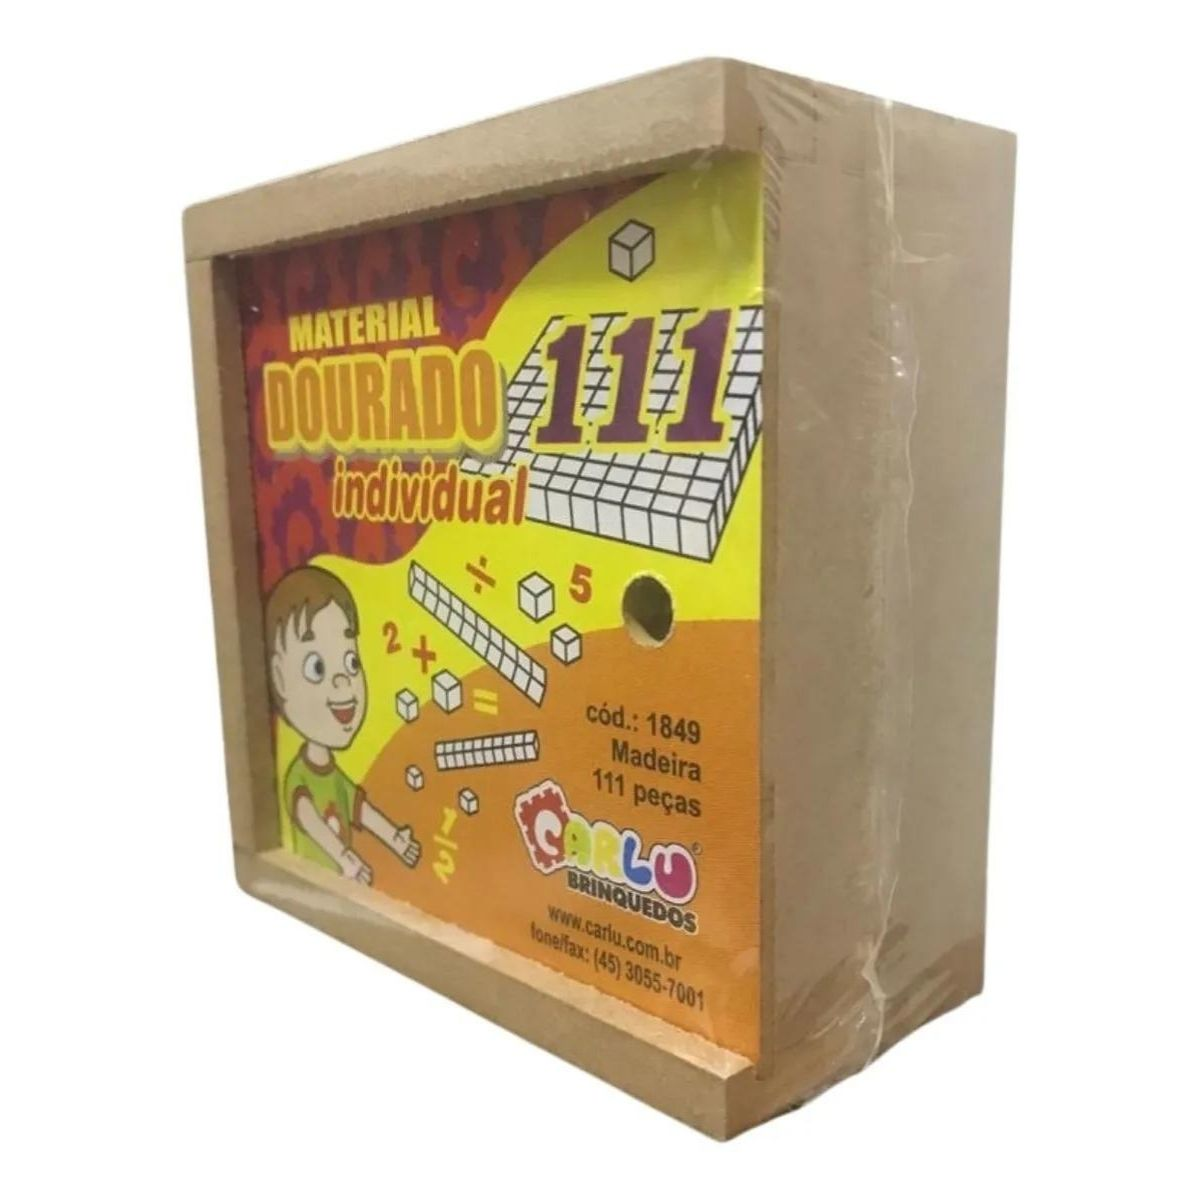 Brinquedo Material Dourado Madeira - 111 peças